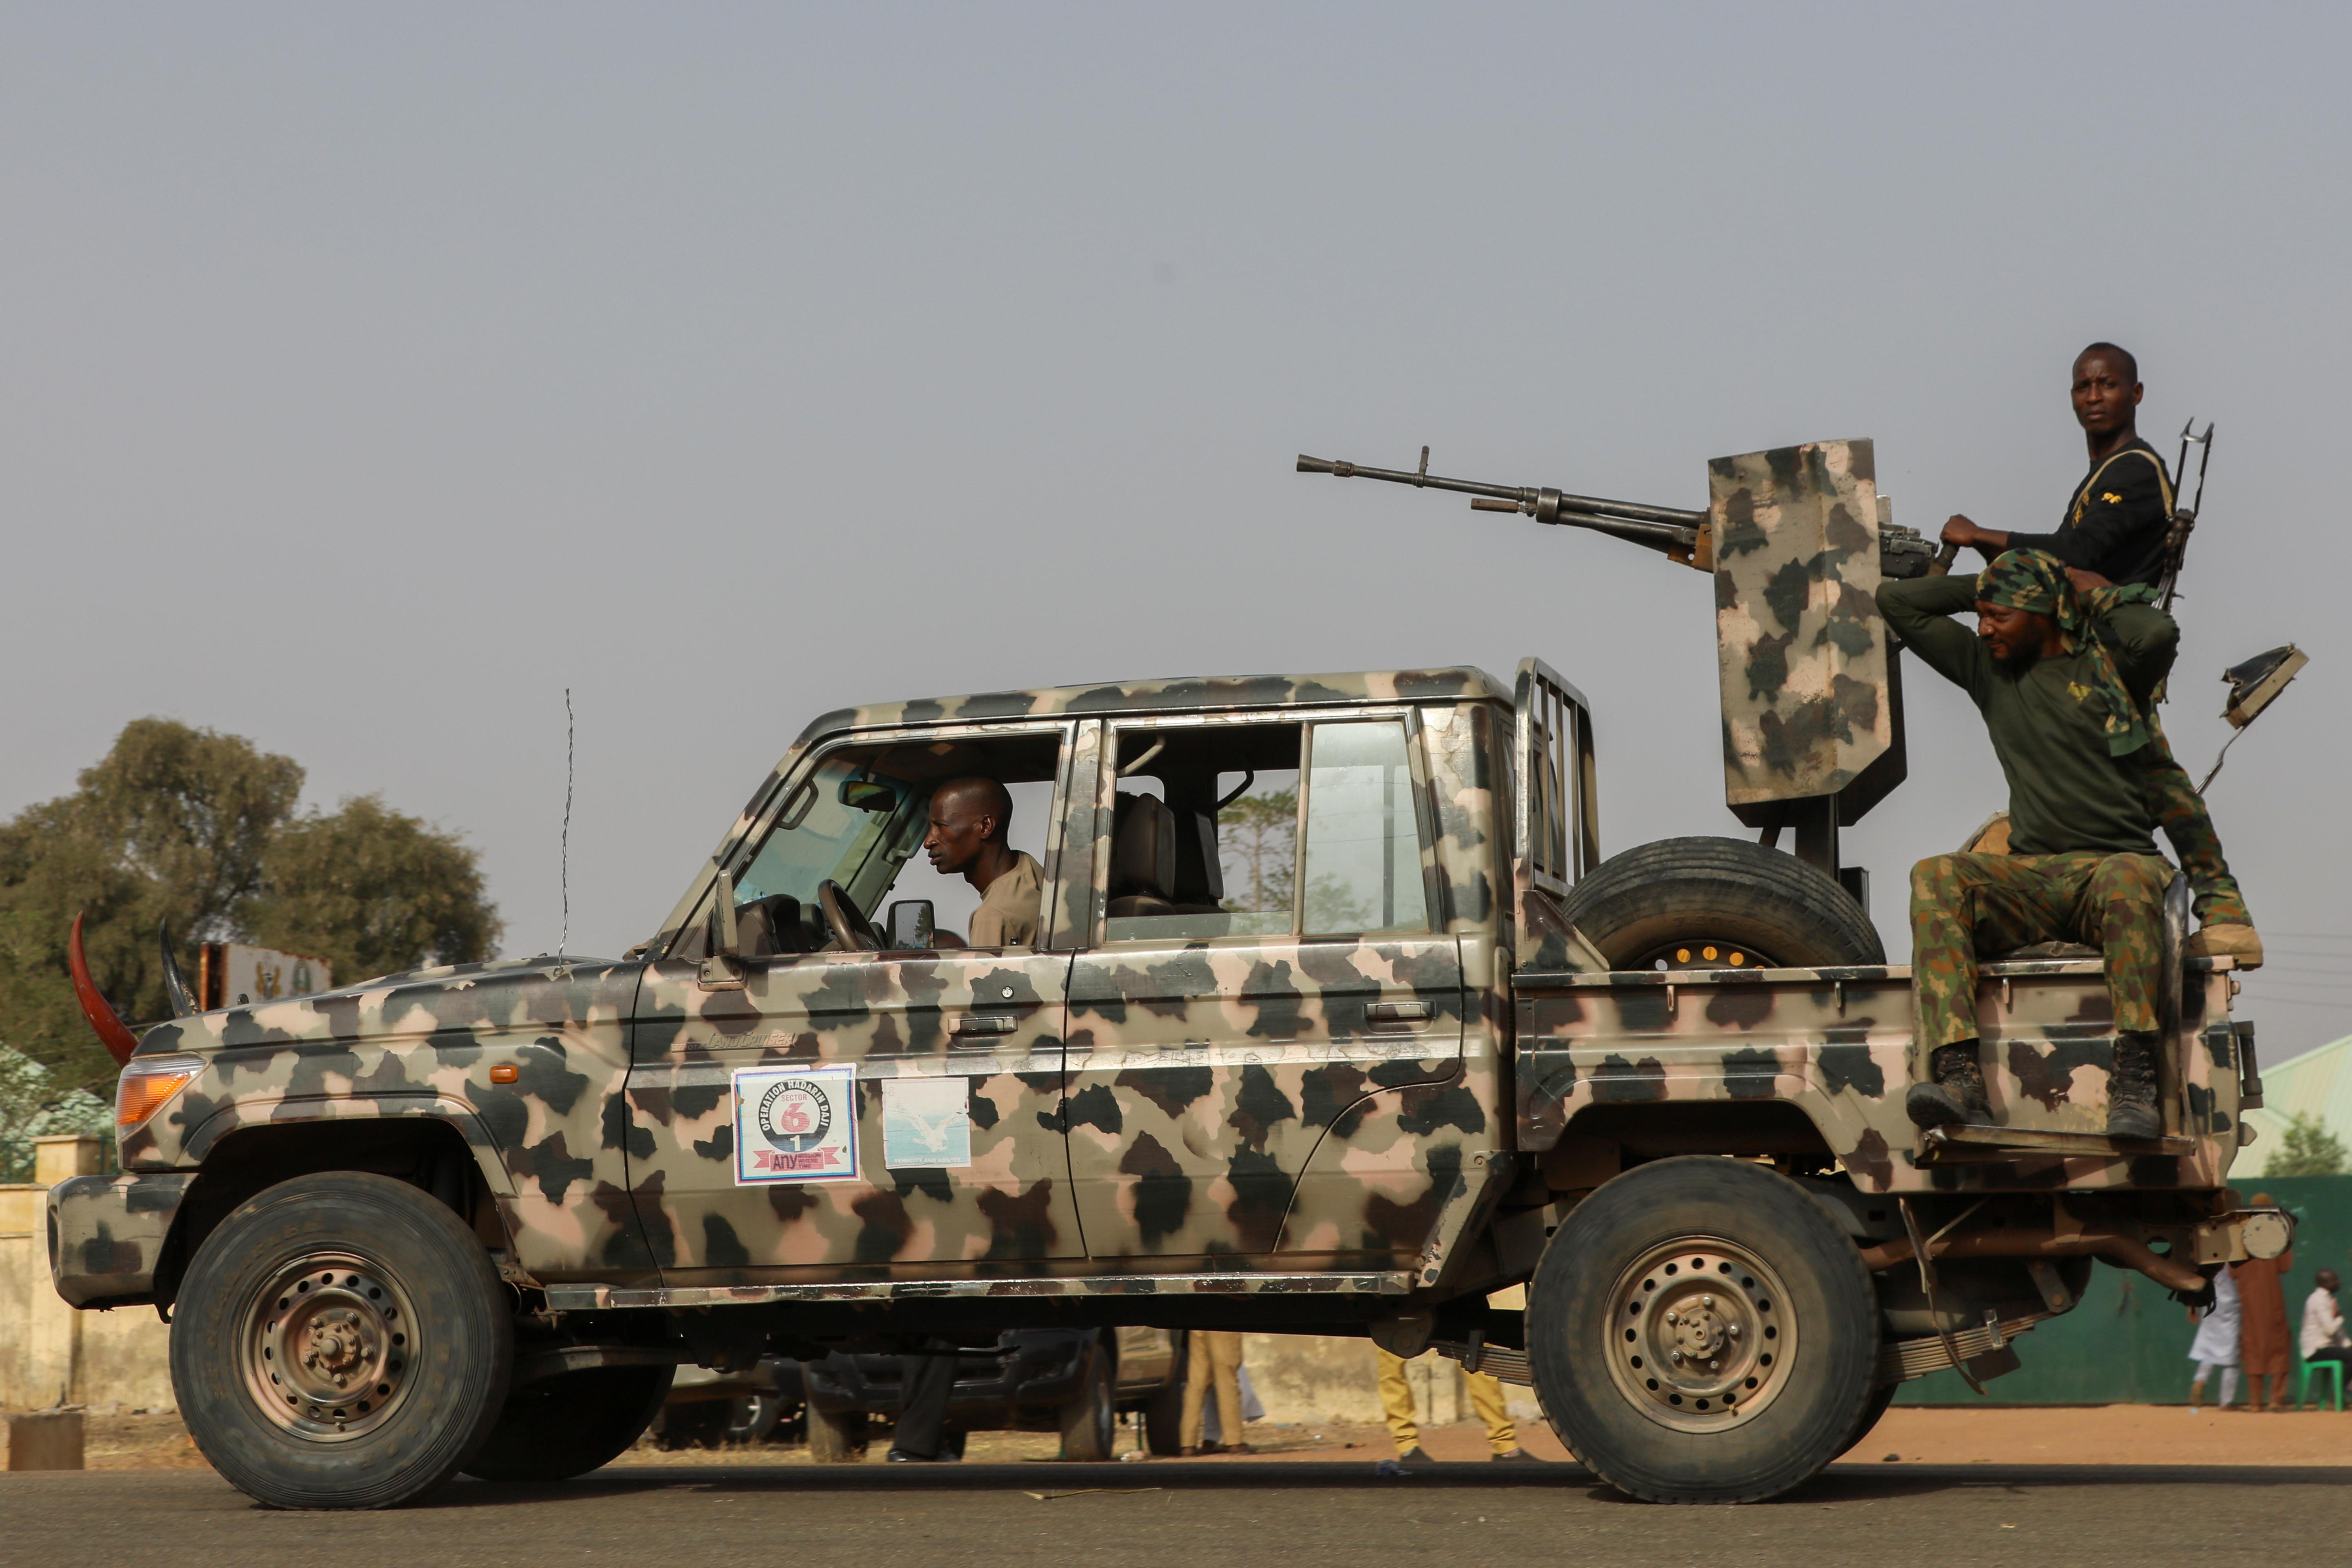 Gunmen abduct 73 children from school in northwest Nigeria